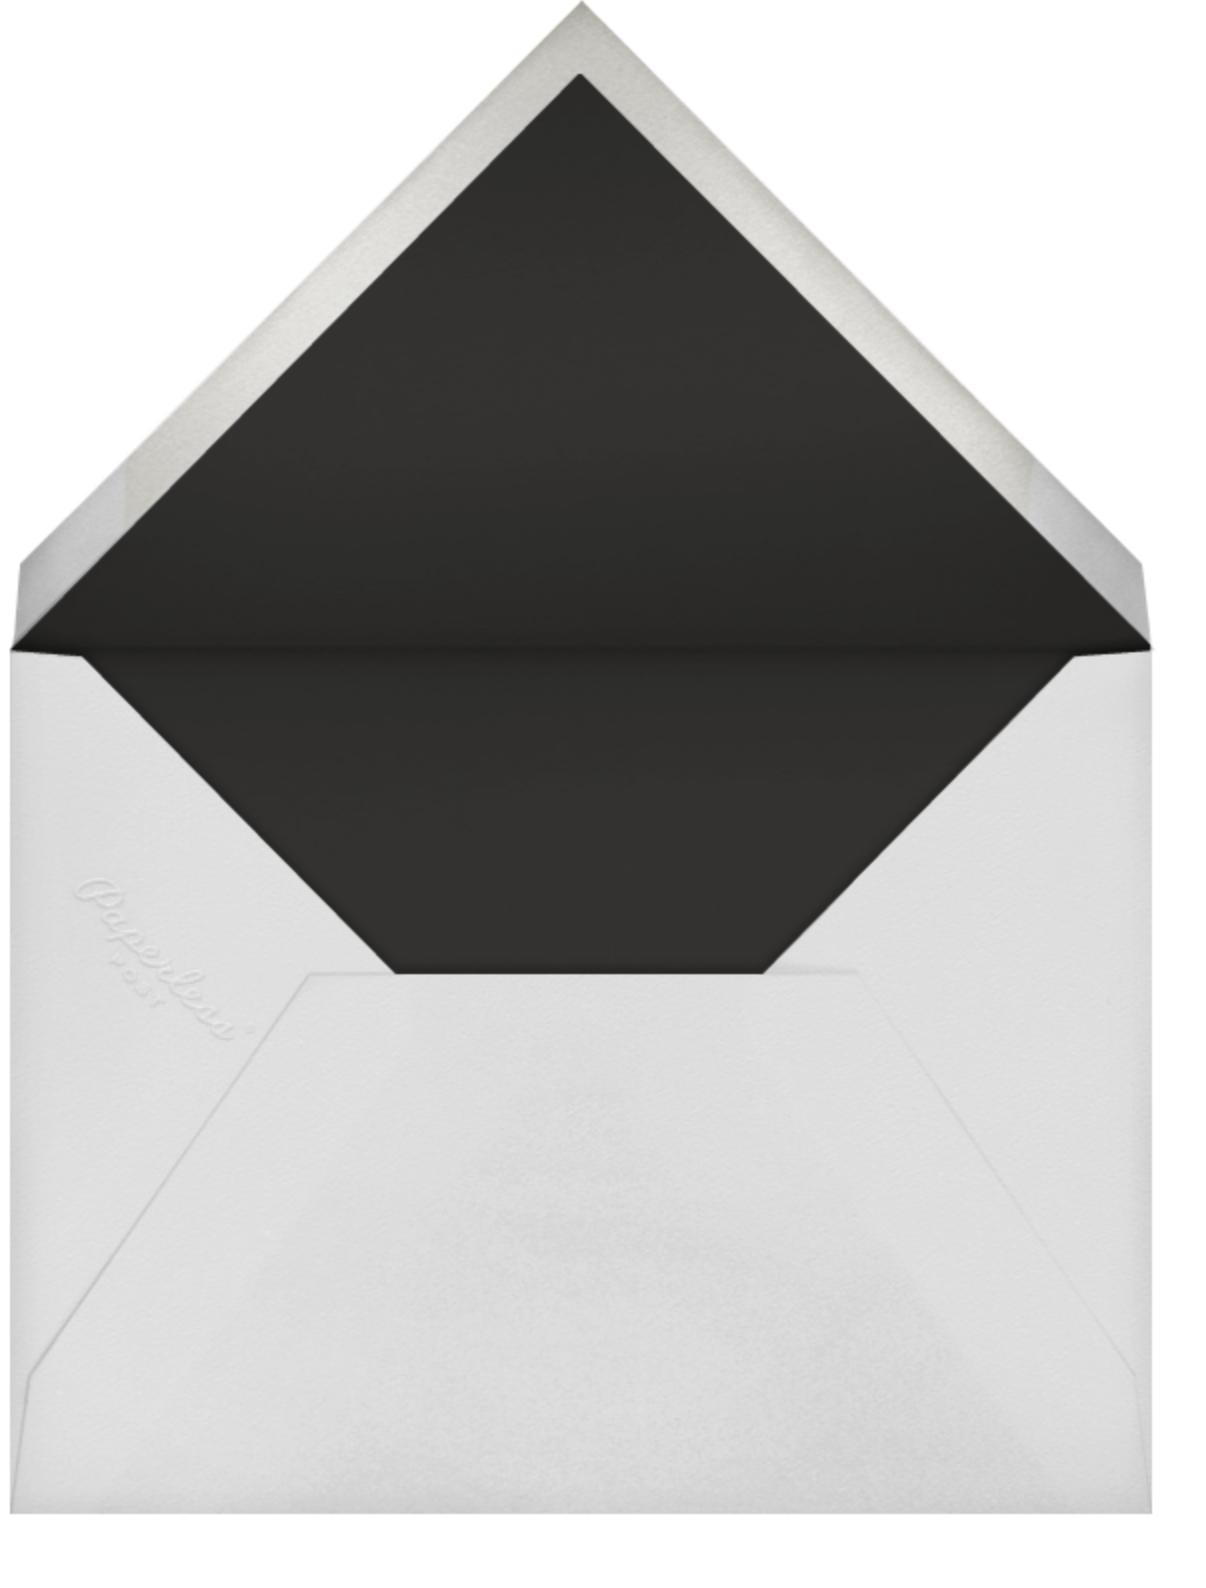 Magnolia - Silver - Oscar de la Renta - Cocktail party - envelope back